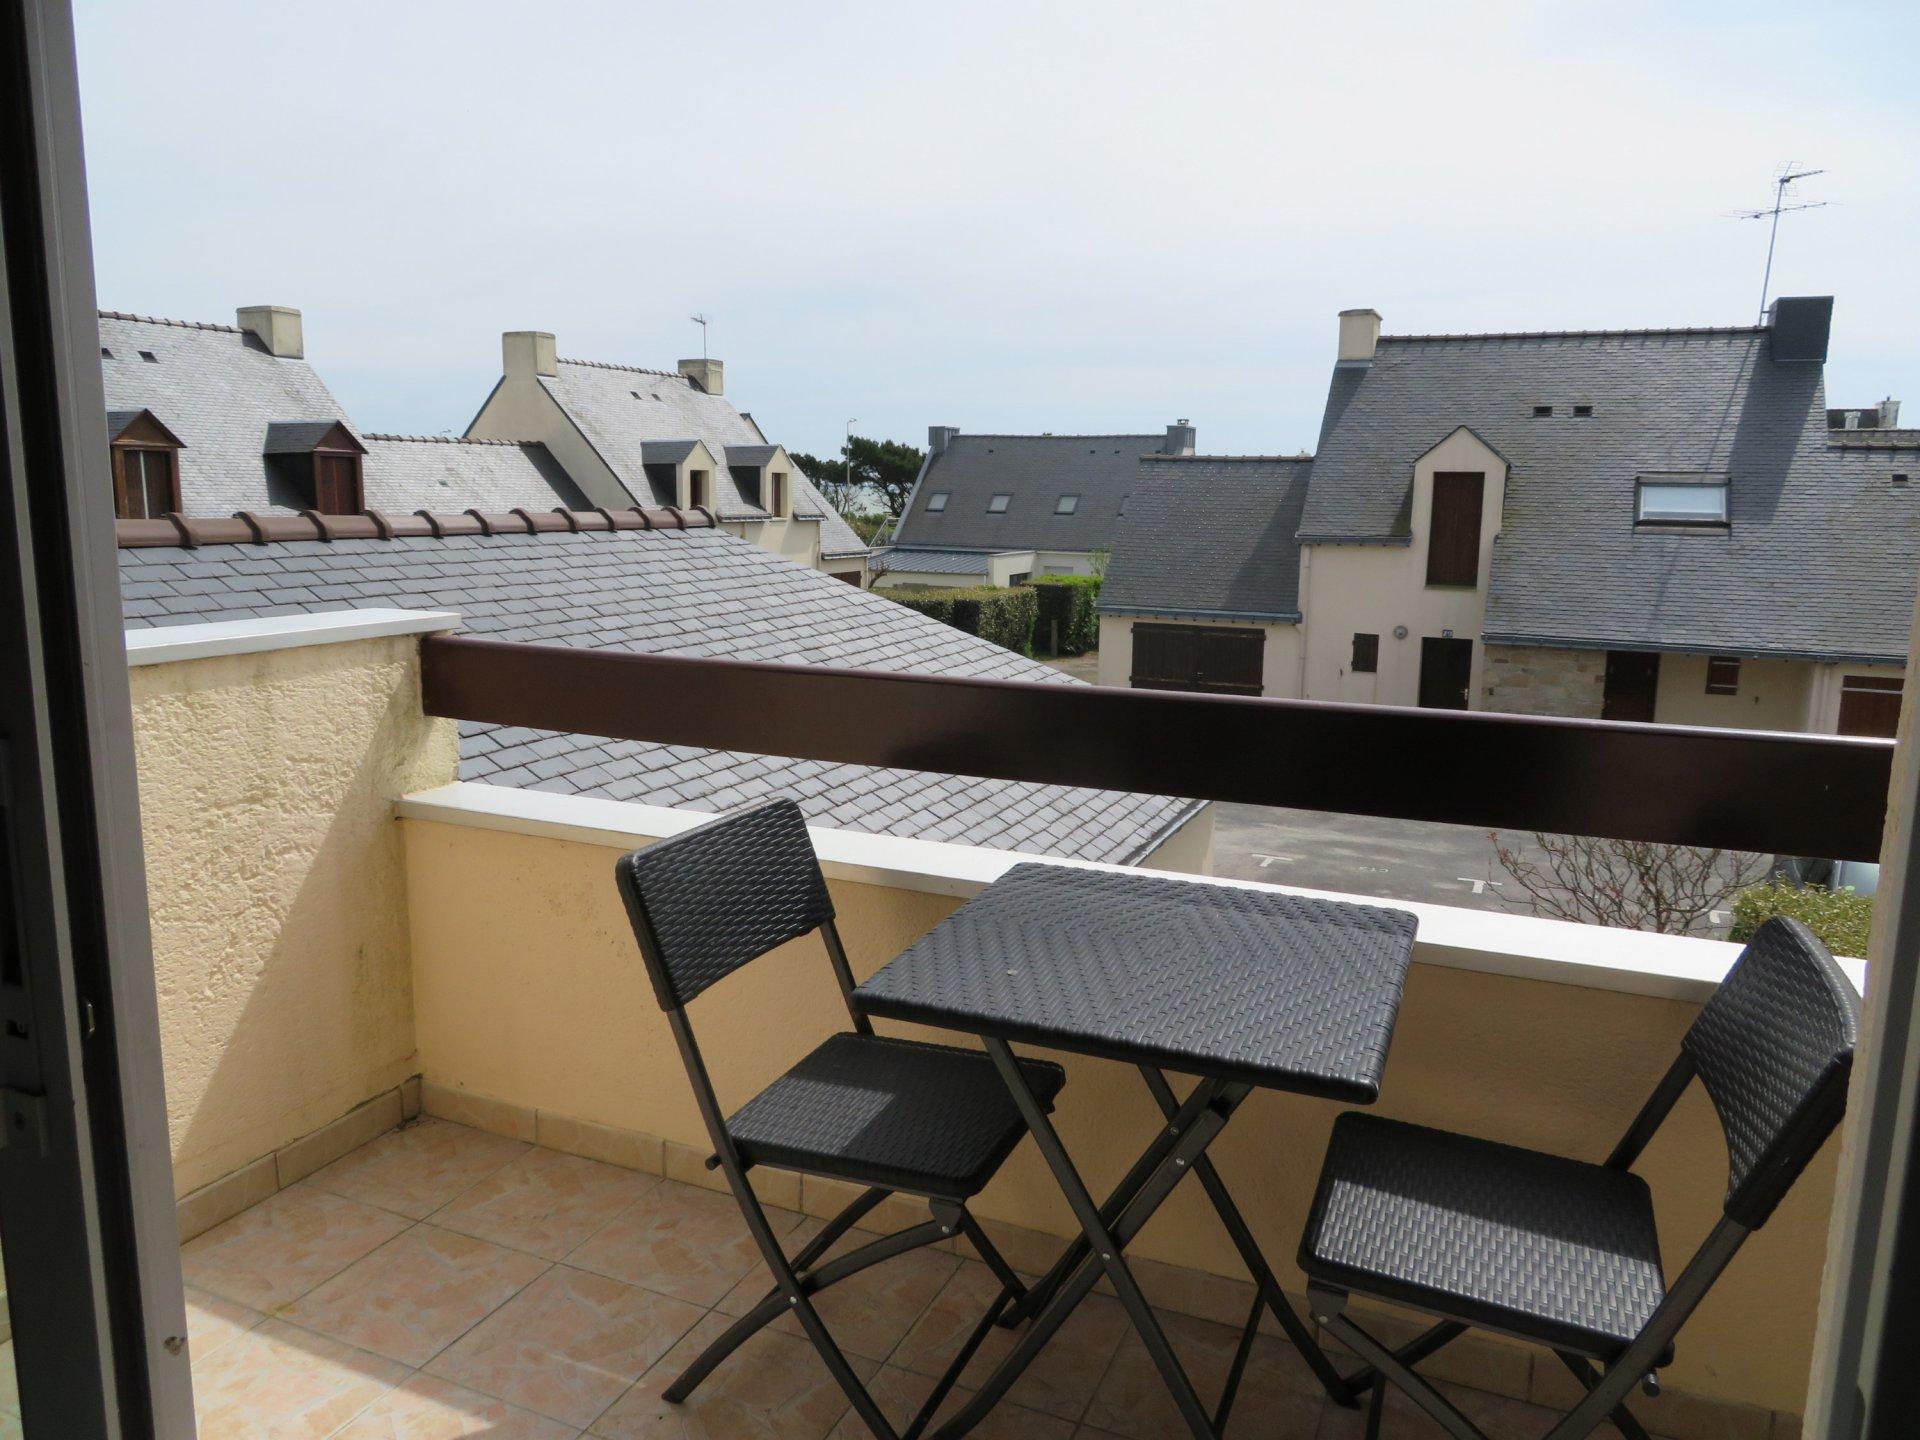 Appartement à louer à Damgan Appartement T4 situé à 100m de la plage et 300m du bourg